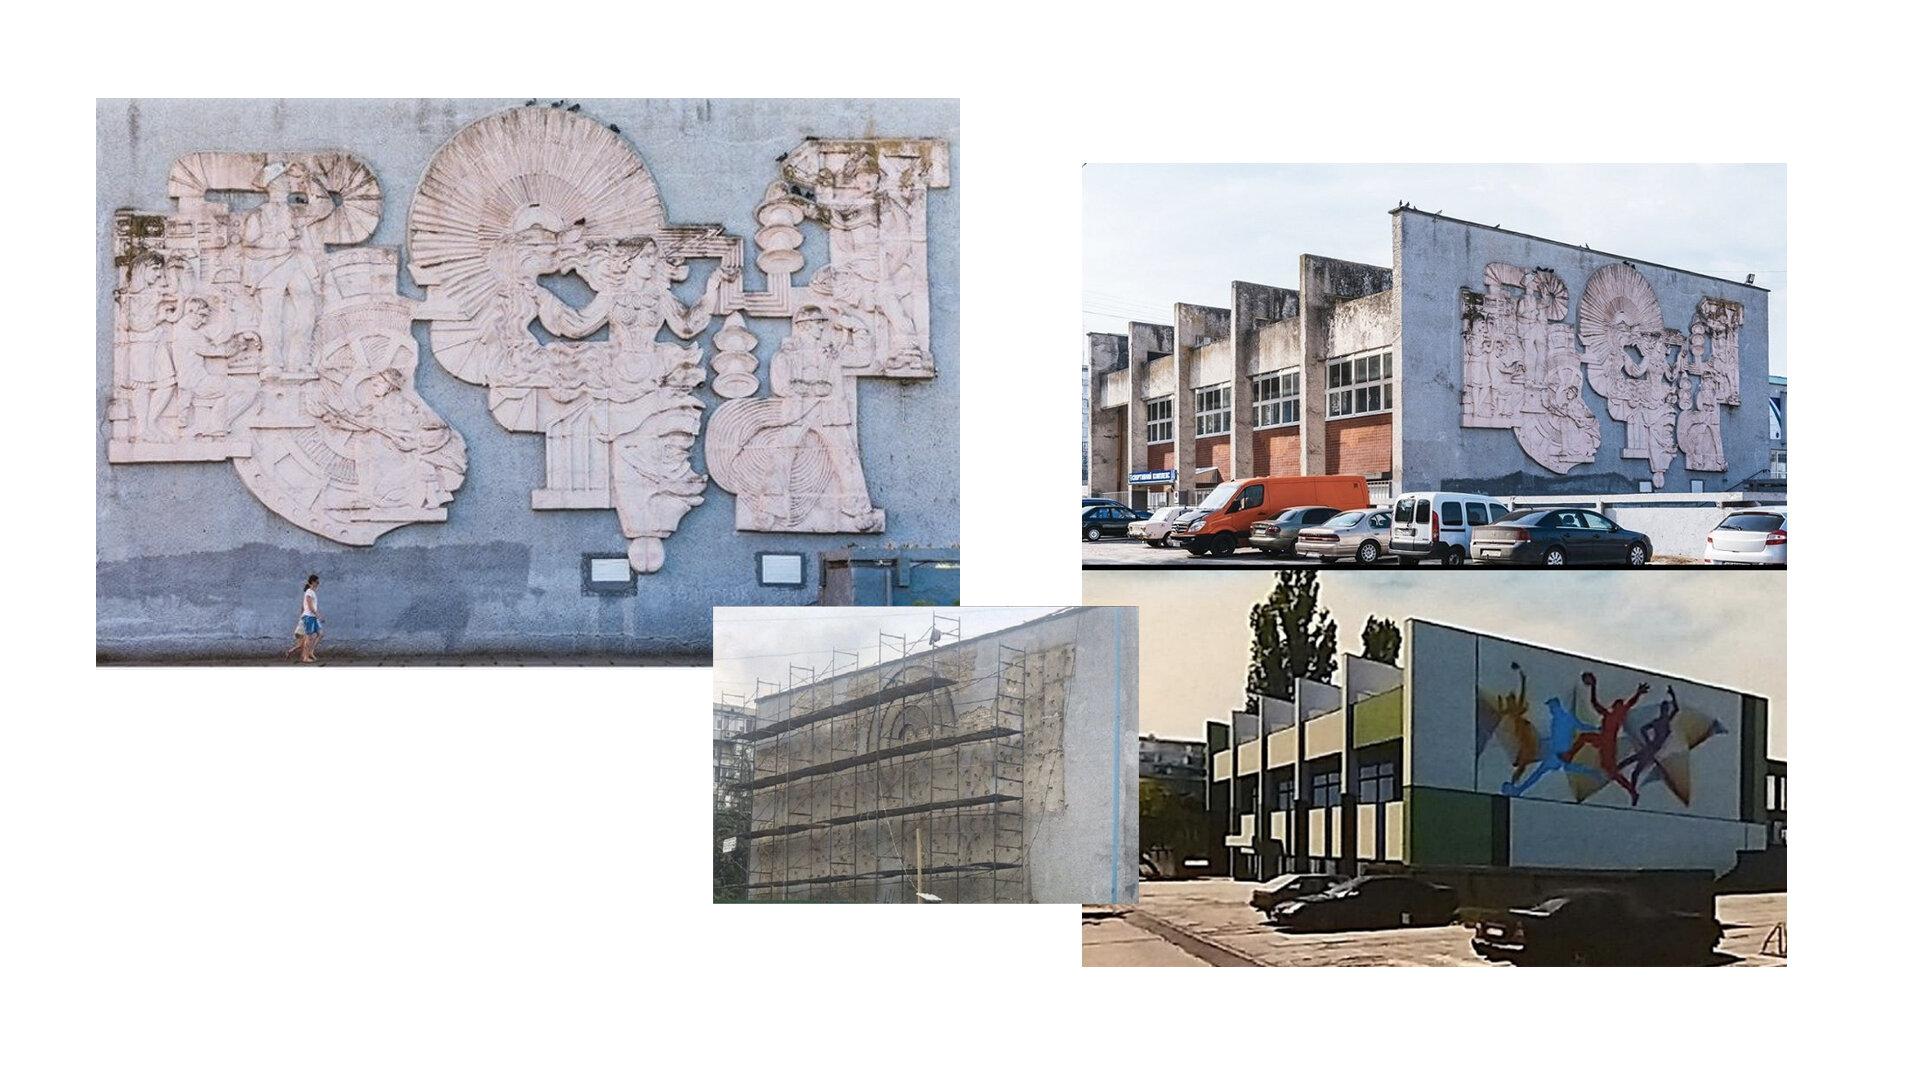 Зруйнований барельєф в Українці можна відновити